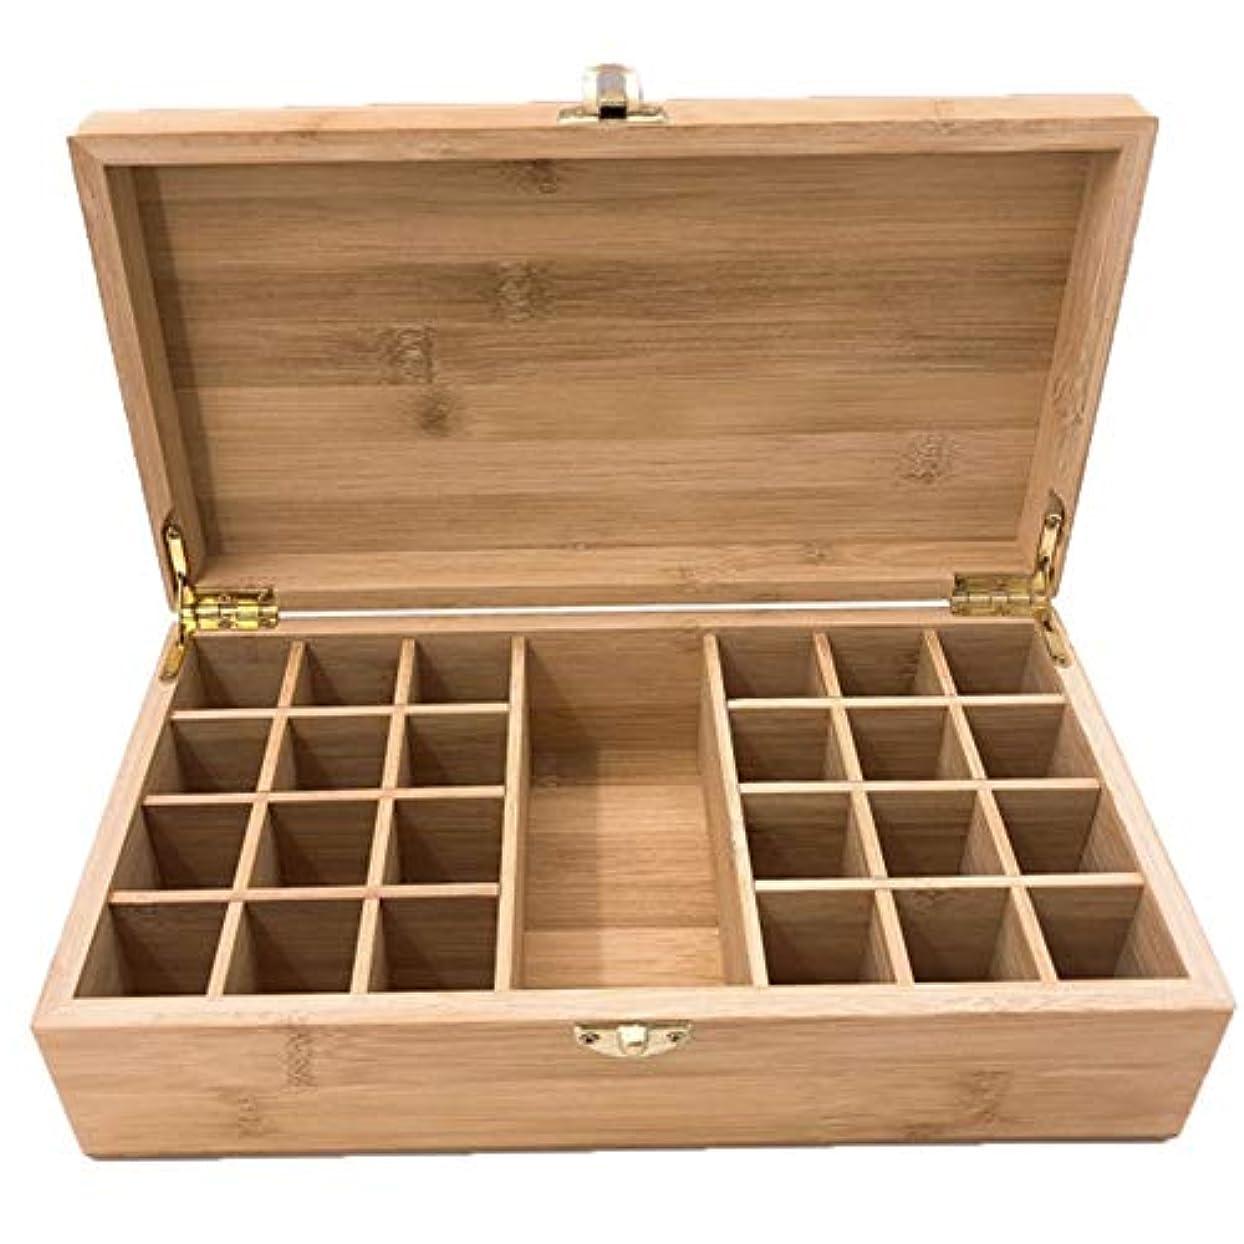 分析台風アロマセラピー収納ボックス 安全な保管とエッセンシャルオイルの表示の主催木材店25本のボトルが収納ボックスを運びます エッセンシャルオイル収納ボックス (色 : Natural, サイズ : 27.5X15X8.3CM)